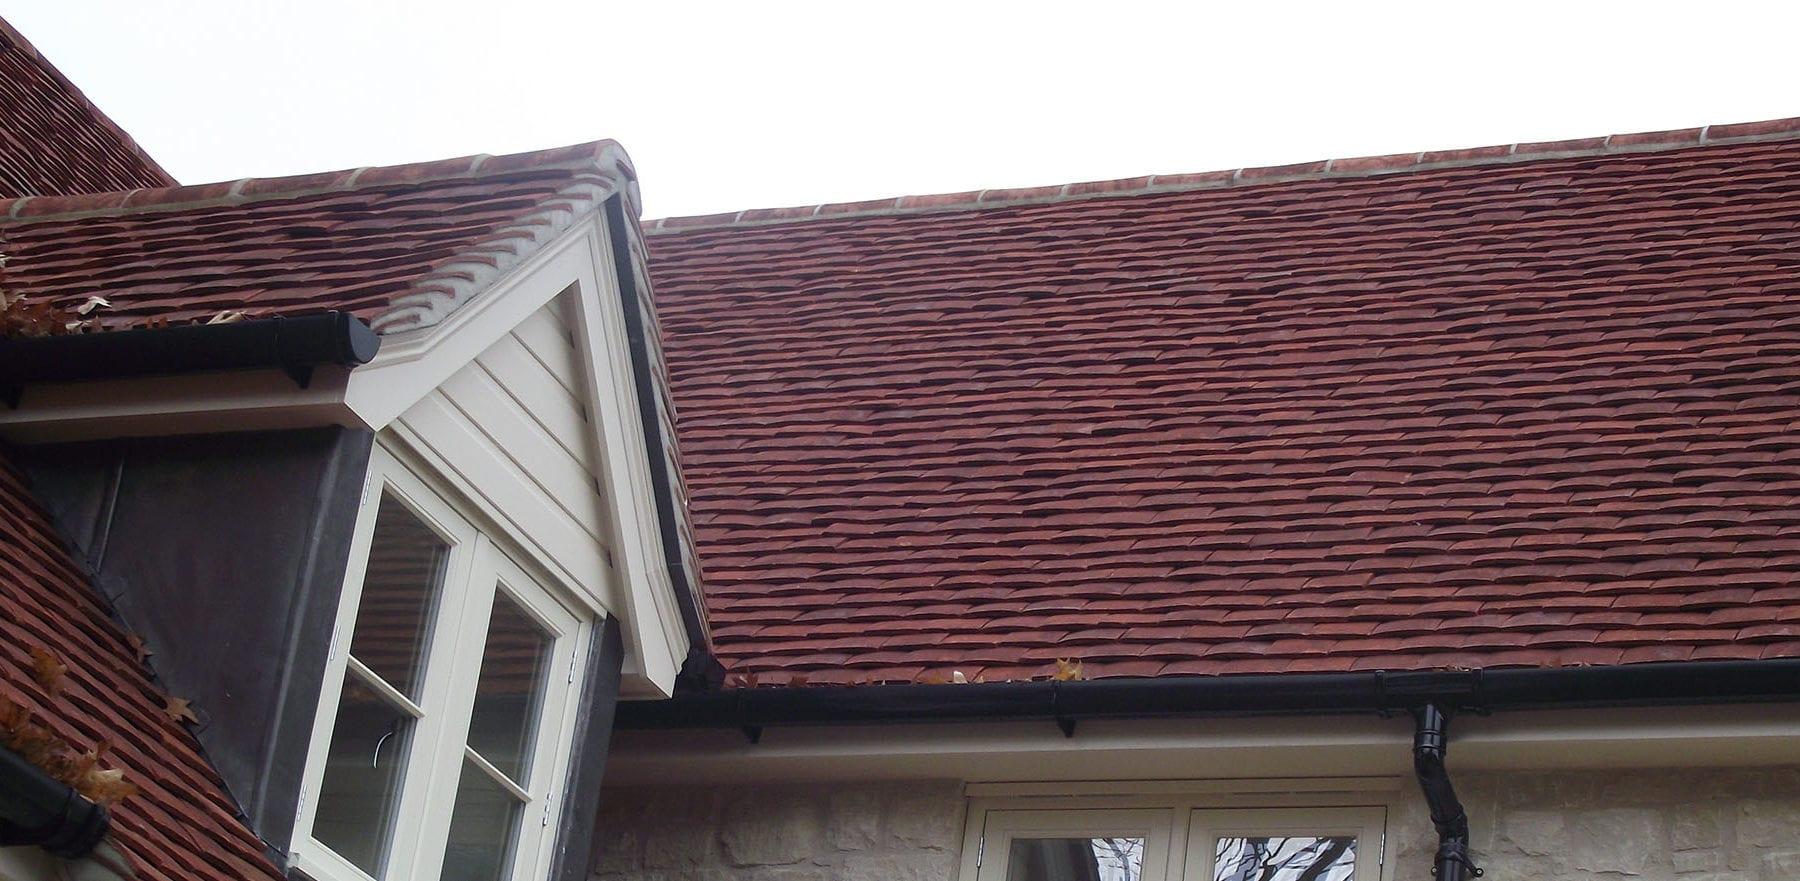 Lifestiles - Handmade Heather Clay Roof Tiles - Favant, England 2